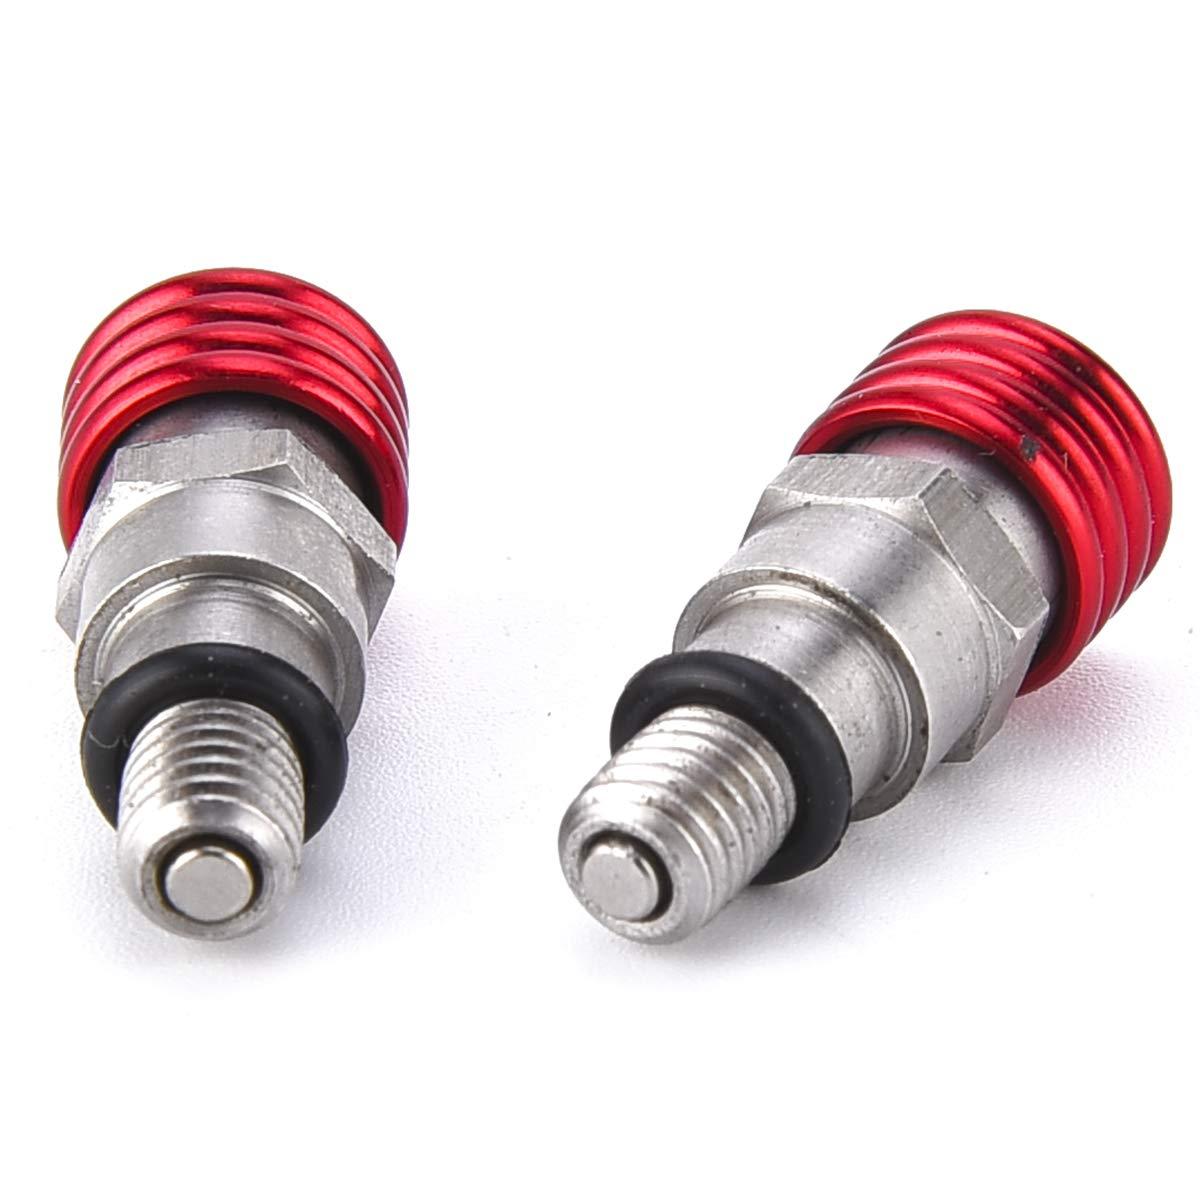 Pro Caken M5/0.8/mm CNC Fourche /à air Purgeur de valve de surpression pour Rmz250/Rmz450/Crf250/CRF 450/Cr125/Cr250